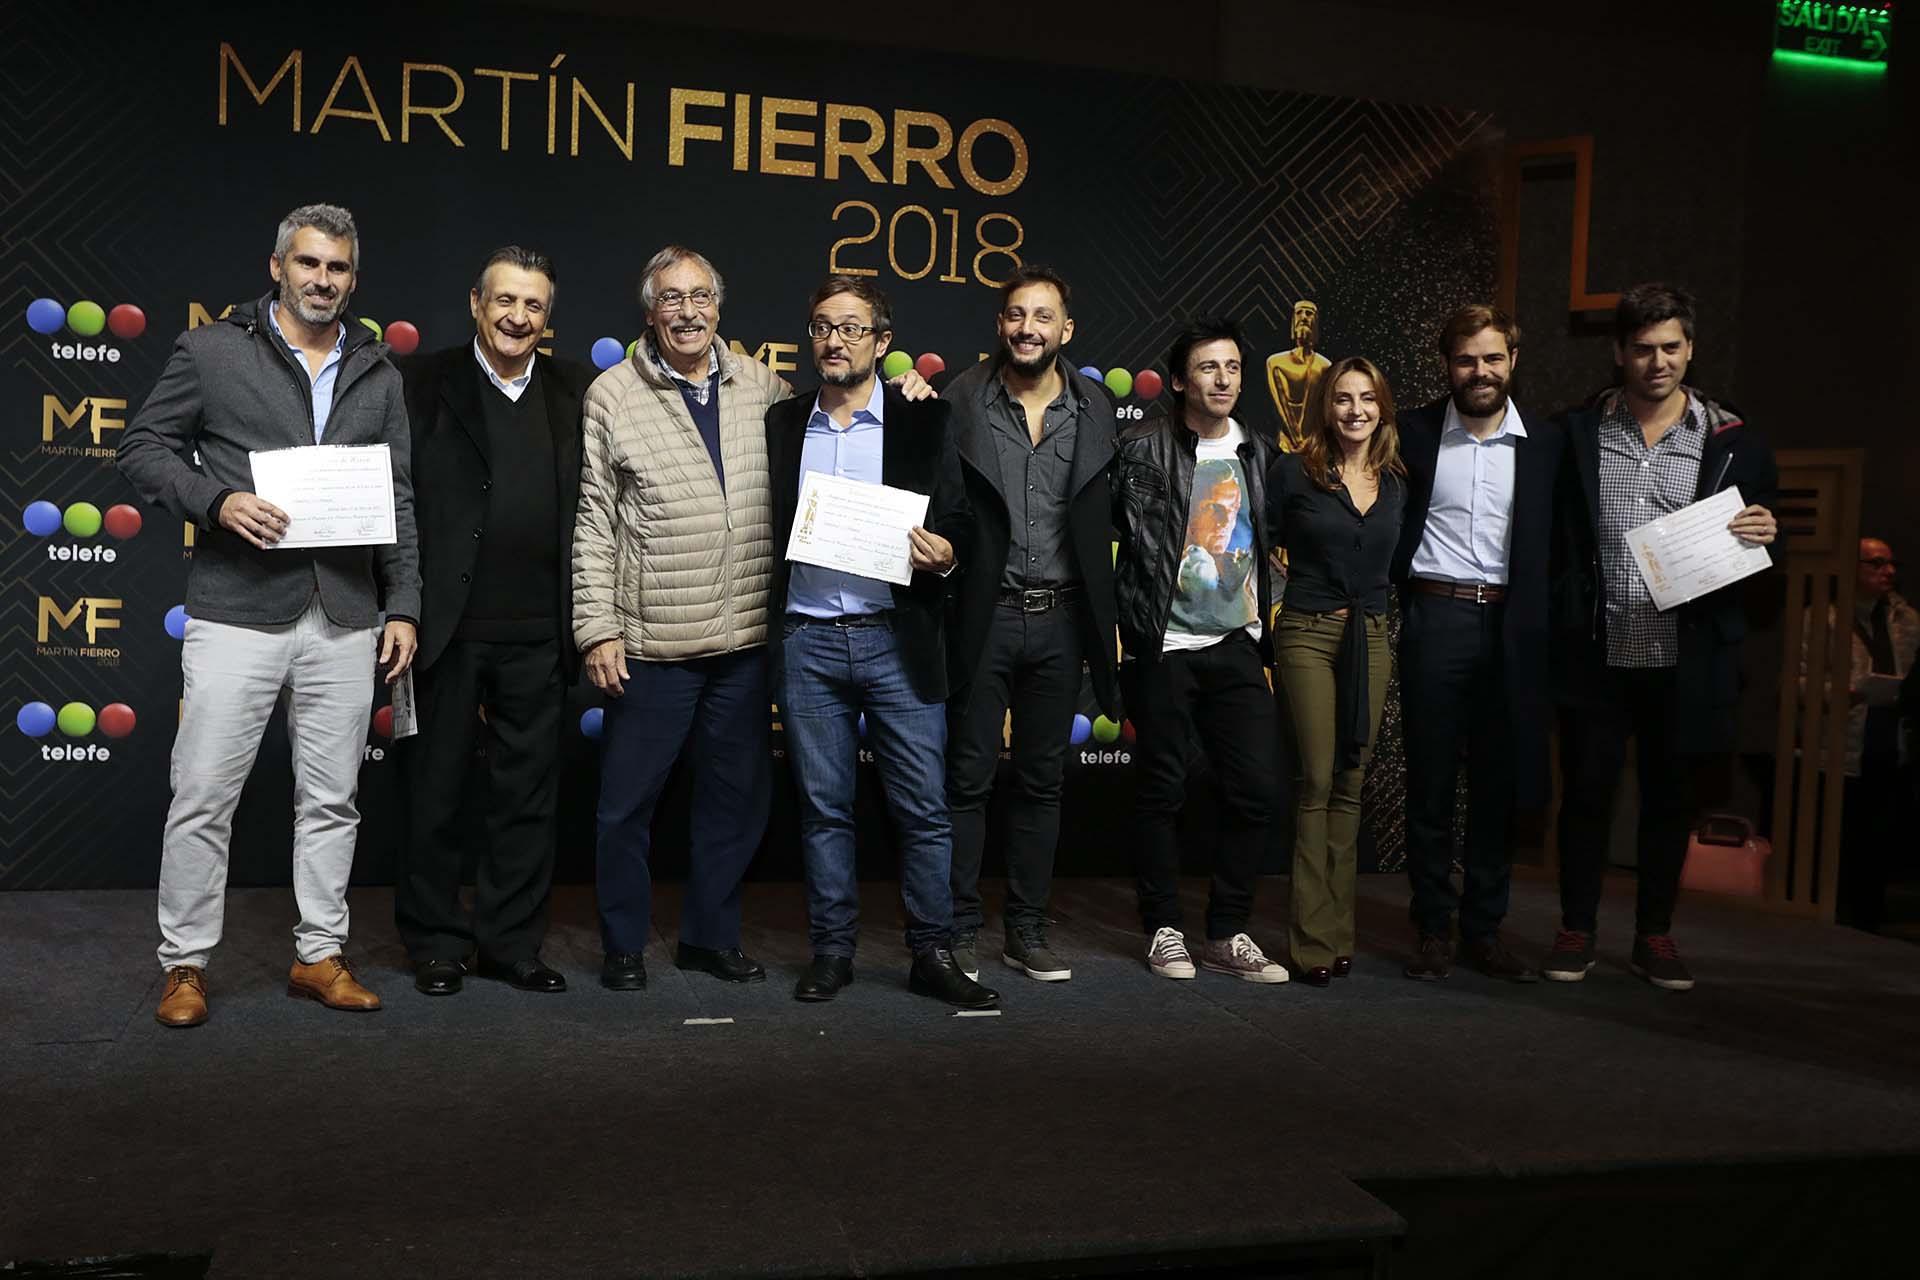 """APTRA entregó los diplomas al elenco de """"Un gallo para Esculapio"""", la ficción que más nominaciones tiene en los premios Martín Fierro (Christian Bochichio)"""